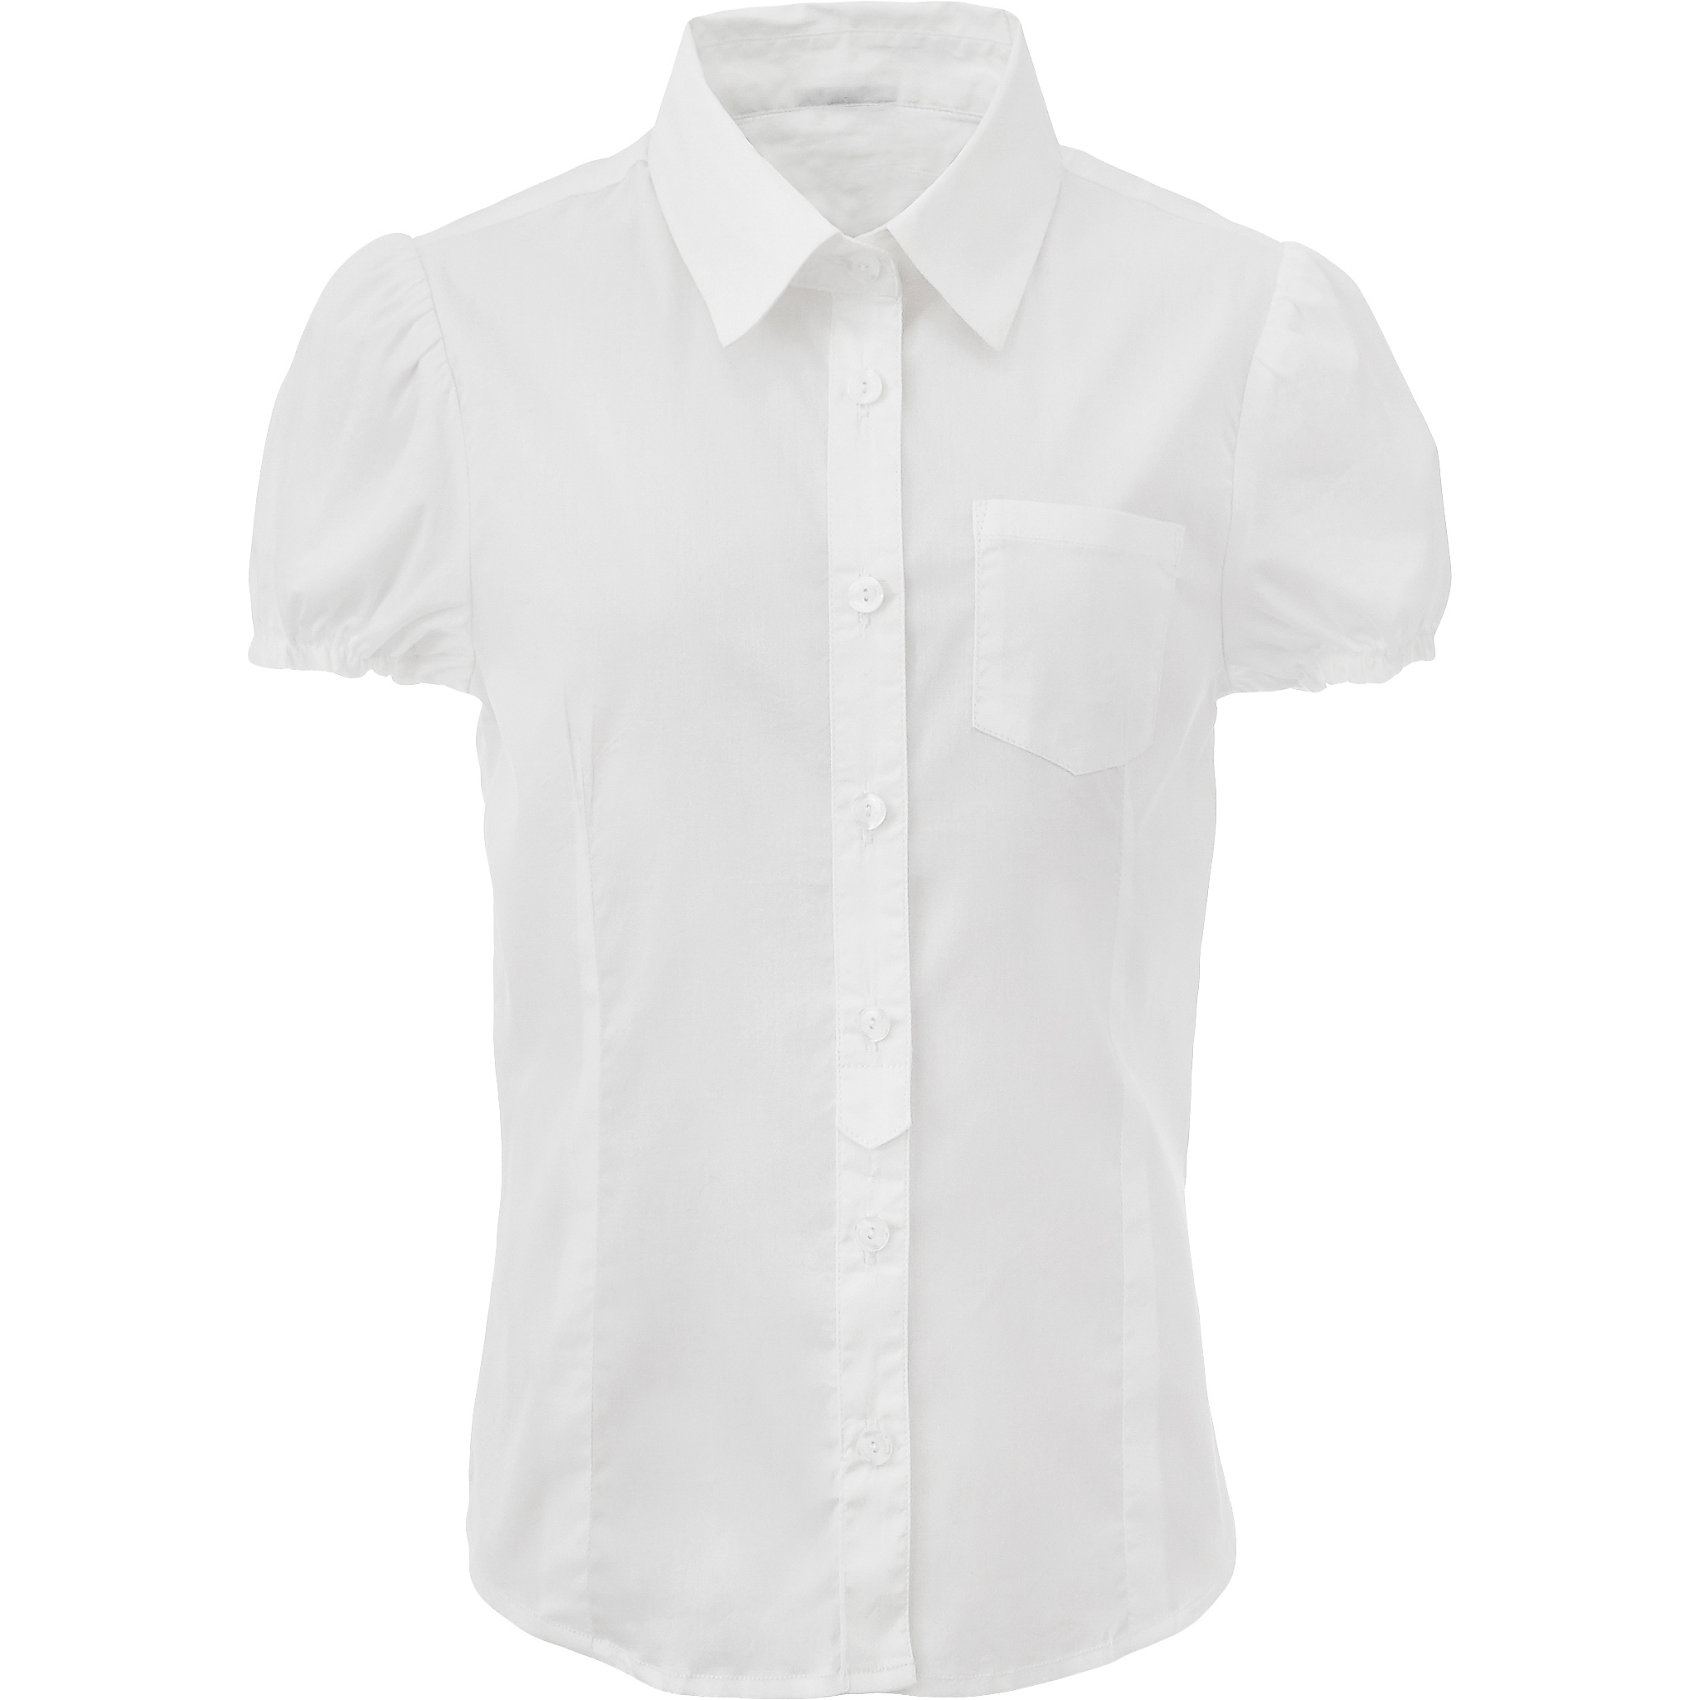 Блузка для девочки GulliverБлузки и рубашки<br>Характеристики товара:<br><br>• цвет: белый<br>• состав: 75% хлопок, 23% полиэстер, 2% эластан <br>• сезон: демисезон<br>• с коротким рукавом<br>• застежка: пуговицы<br>• манжеты рукавов на резинке<br>• накладной нагрудный карман<br>• особенности: школьная, однотонная<br>• страна бренда: Российская Федерация<br>• страна производства: Российская Федерация<br><br>Школьная блузка с коротким рукавом для девочки. Белая блузка застегивается на пуговицы. Манжеты рукавов на эластичной резинке. Имеется накладной нагрудный карман.<br><br>Блузку для девочки Gulliver (Гулливер) можно купить в нашем интернет-магазине.<br><br>Ширина мм: 186<br>Глубина мм: 87<br>Высота мм: 198<br>Вес г: 197<br>Цвет: белый<br>Возраст от месяцев: 72<br>Возраст до месяцев: 84<br>Пол: Женский<br>Возраст: Детский<br>Размер: 122,170,128,134,140,146,152,158,164<br>SKU: 6678768